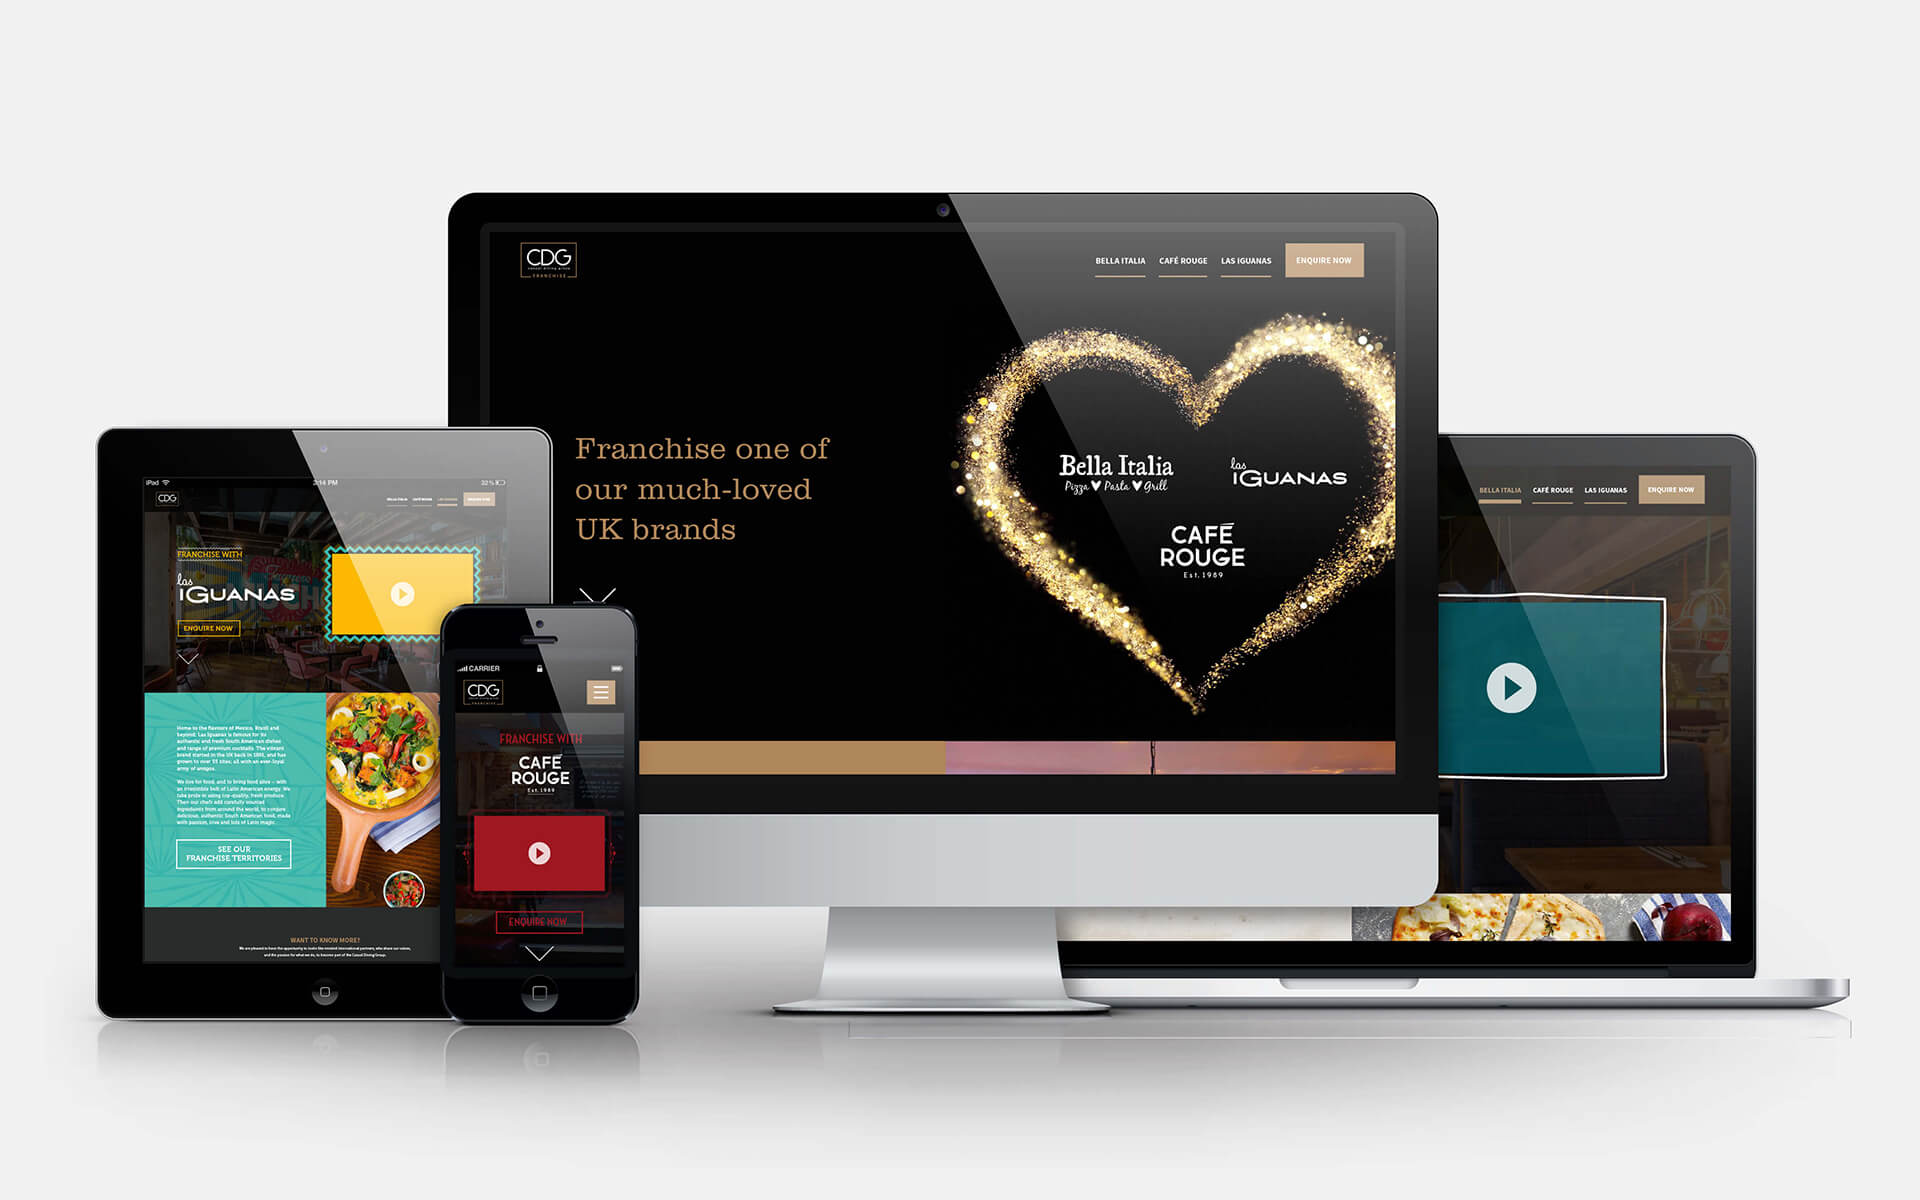 CDG franchise website